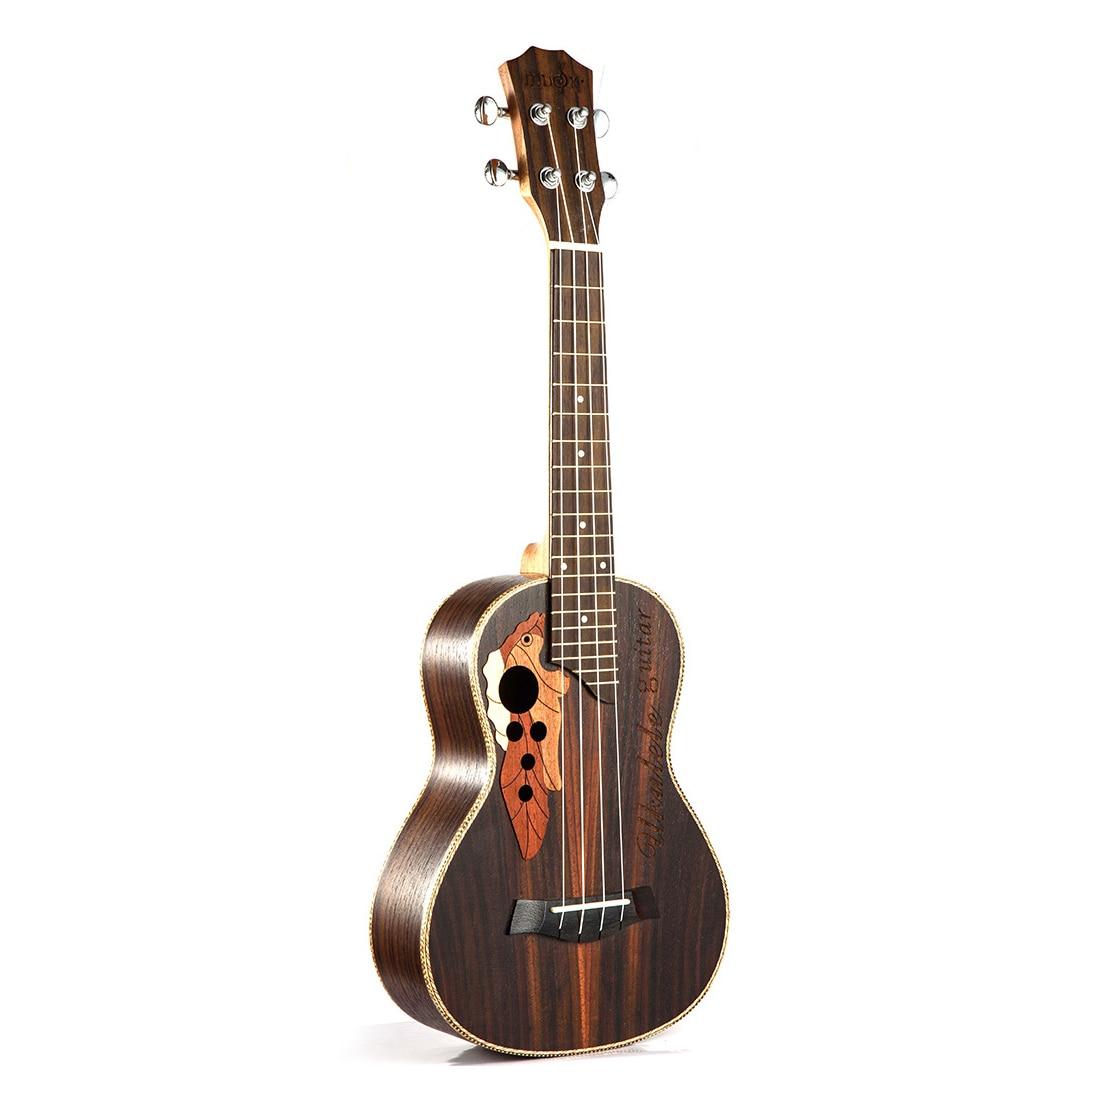 Nouveau ukulélé de Concert Soprano 23 pouces en bois de rose uku Ukelele avec 4 cordes mini Hawaii guitare Instruments de musique